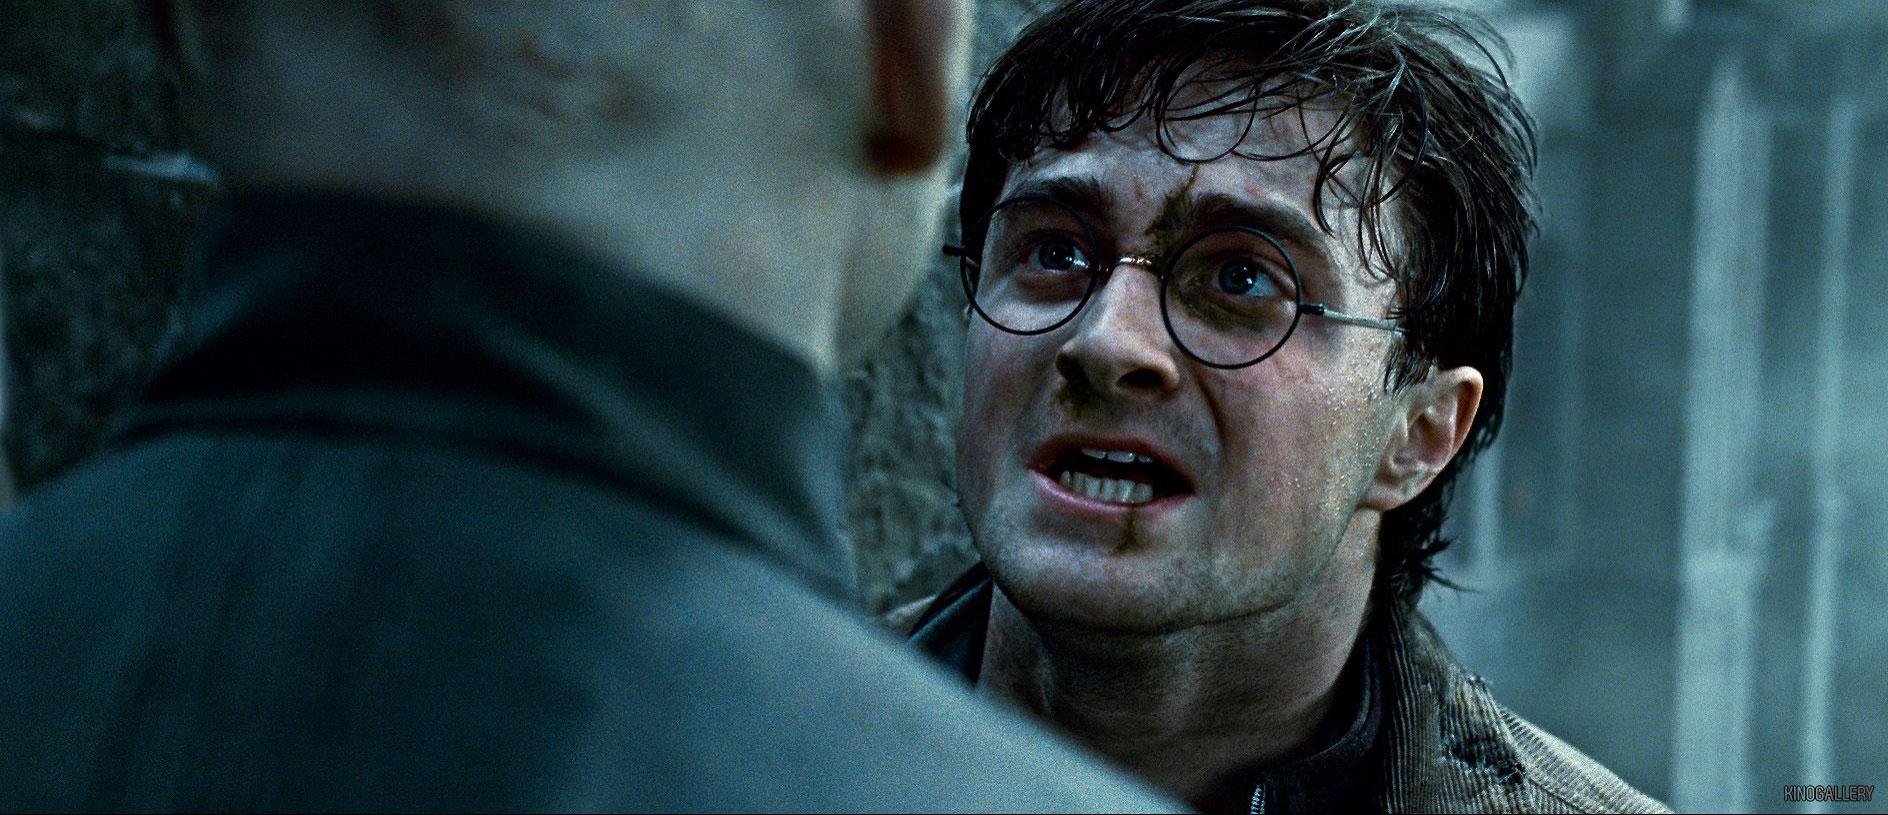 Cena do filme Harry Potter e as Relíquias da Morte: Parte 2. Na cena, vemos Harry, personagem de Daniel Radcliffe, um homem branco que usa óculos redondos, sujo de terra, olhando Voldemort, personagem de Ralph Fiennes, que está de costas. Eles estão à beira de um precipício.